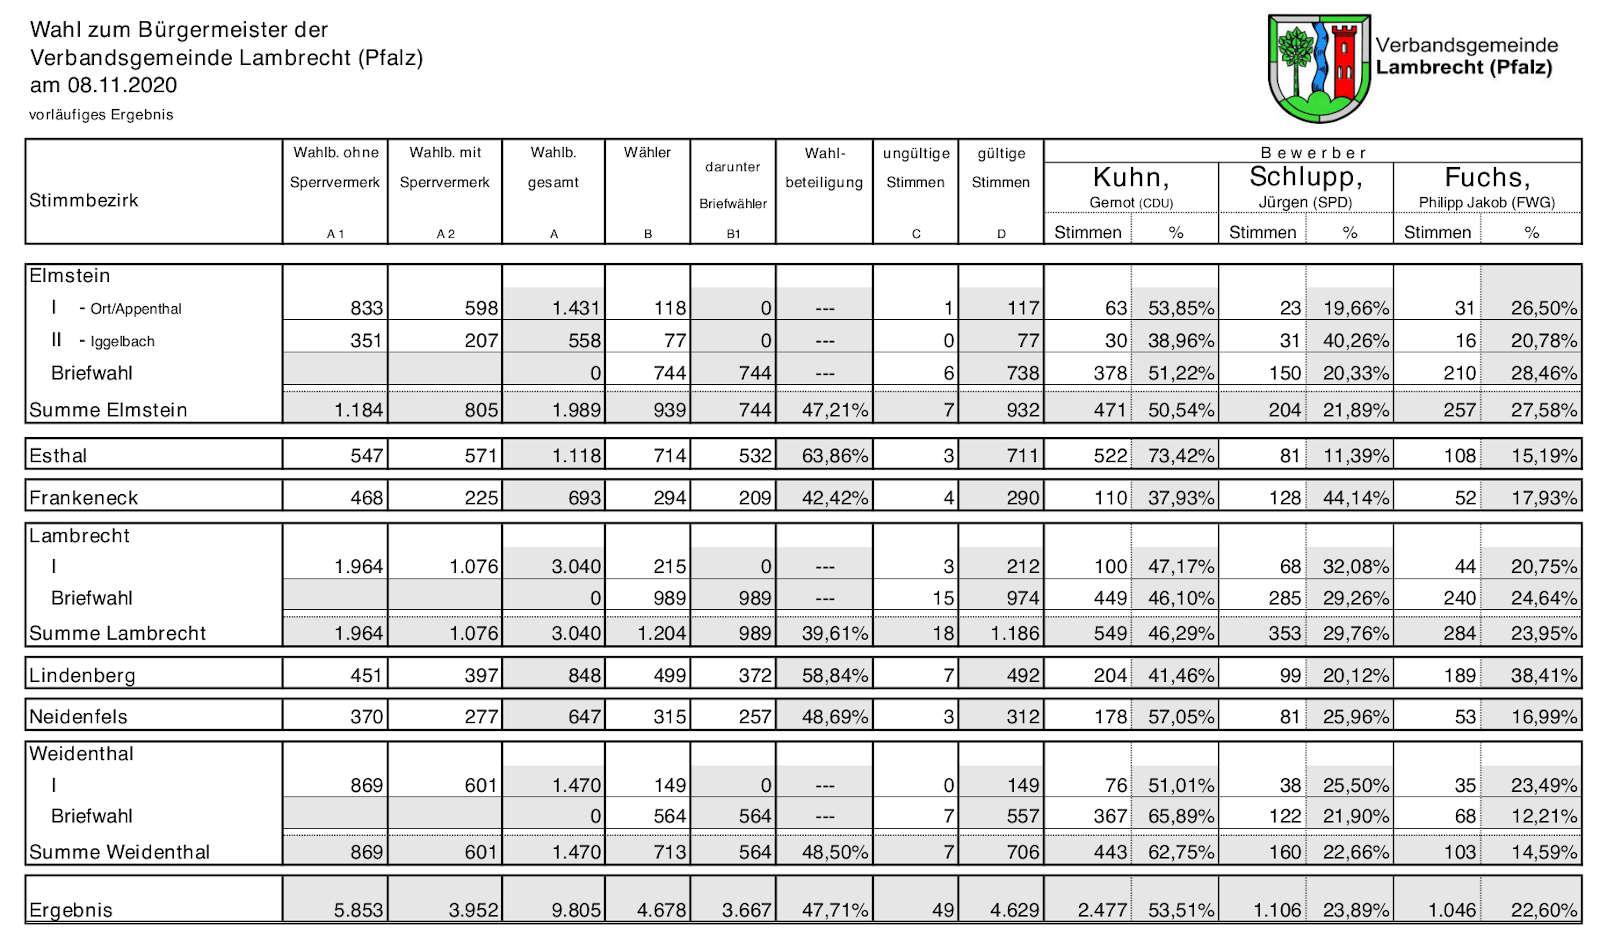 Vorläufiges Ergebnis der Bürgermeisterwahlen der Verbandsgemeinde Lambrecht (Pfalz